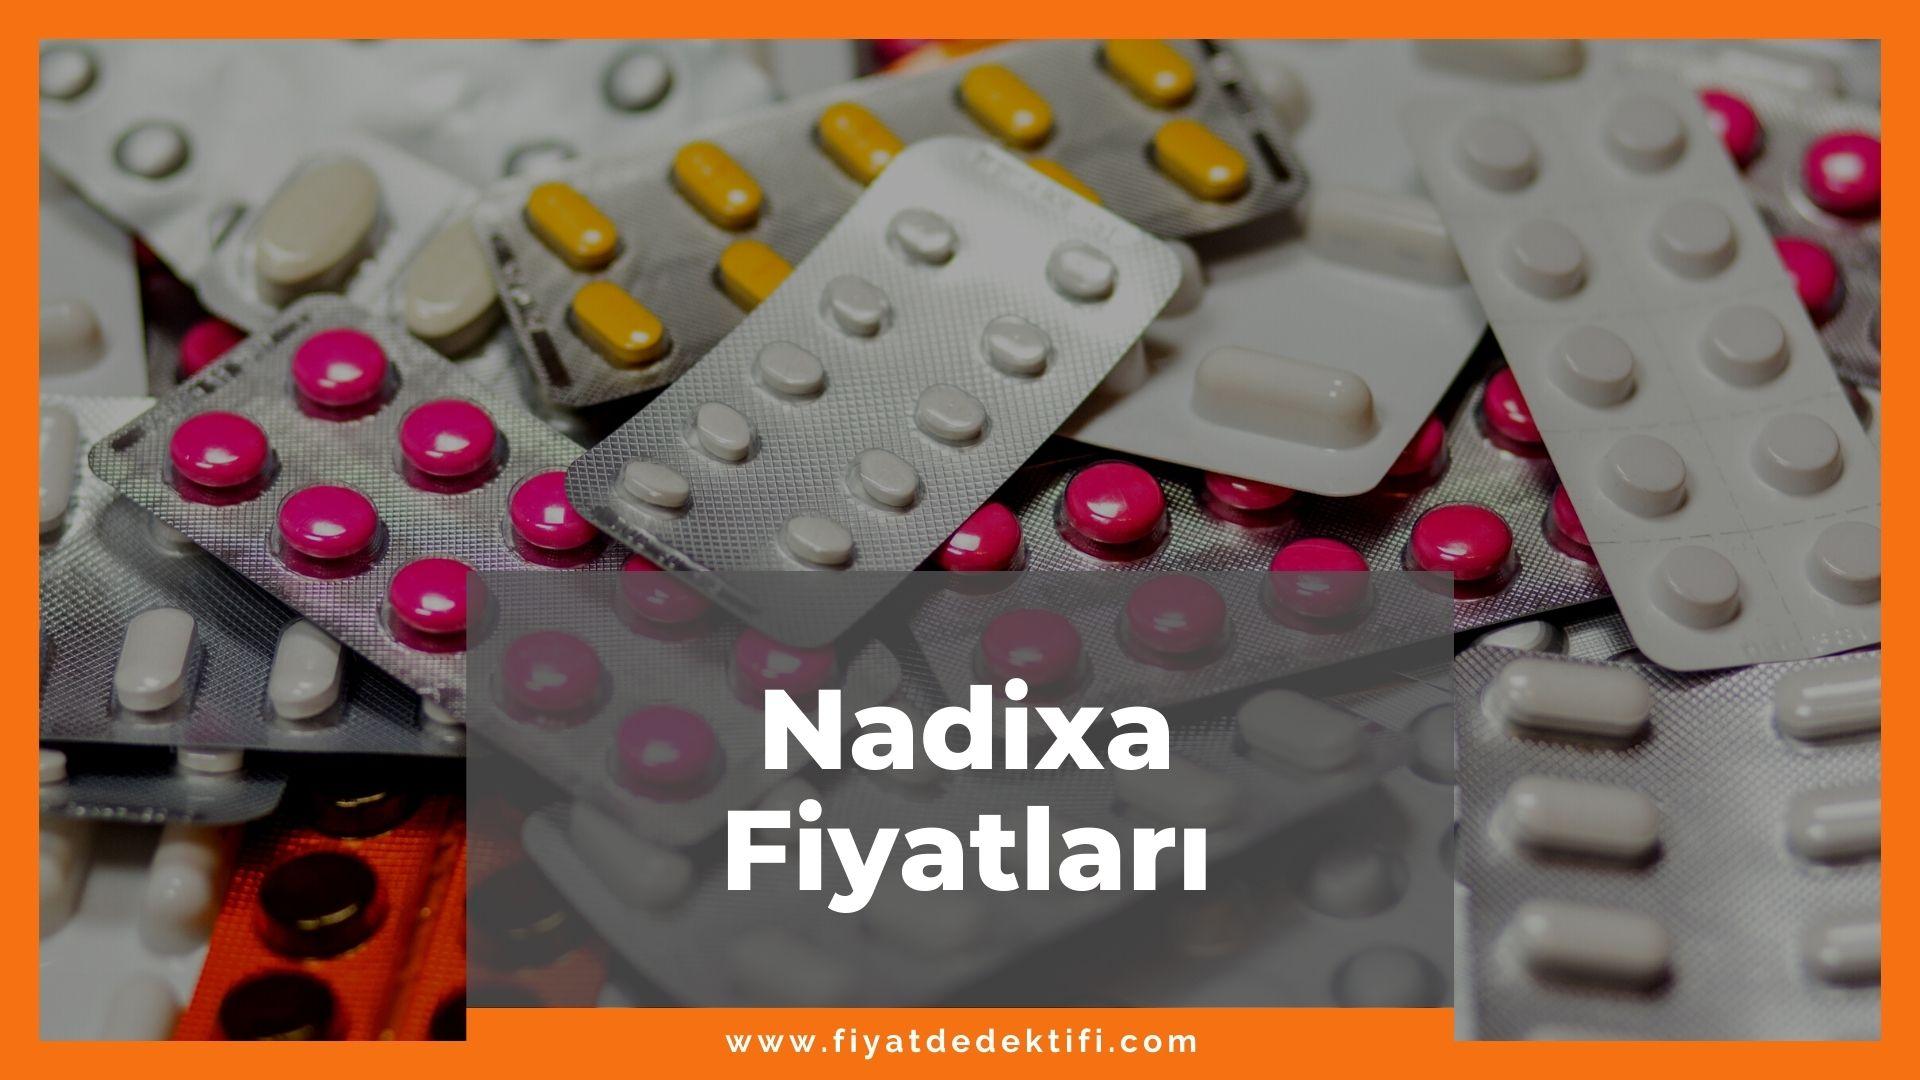 Nadixa Fiyat 2021, Nadixa Fiyatı, Nadixa Krem Fiyatı, nadixa zamlandı mı, nadixa zamlı fiyatı ne kadar kaç tl oldu